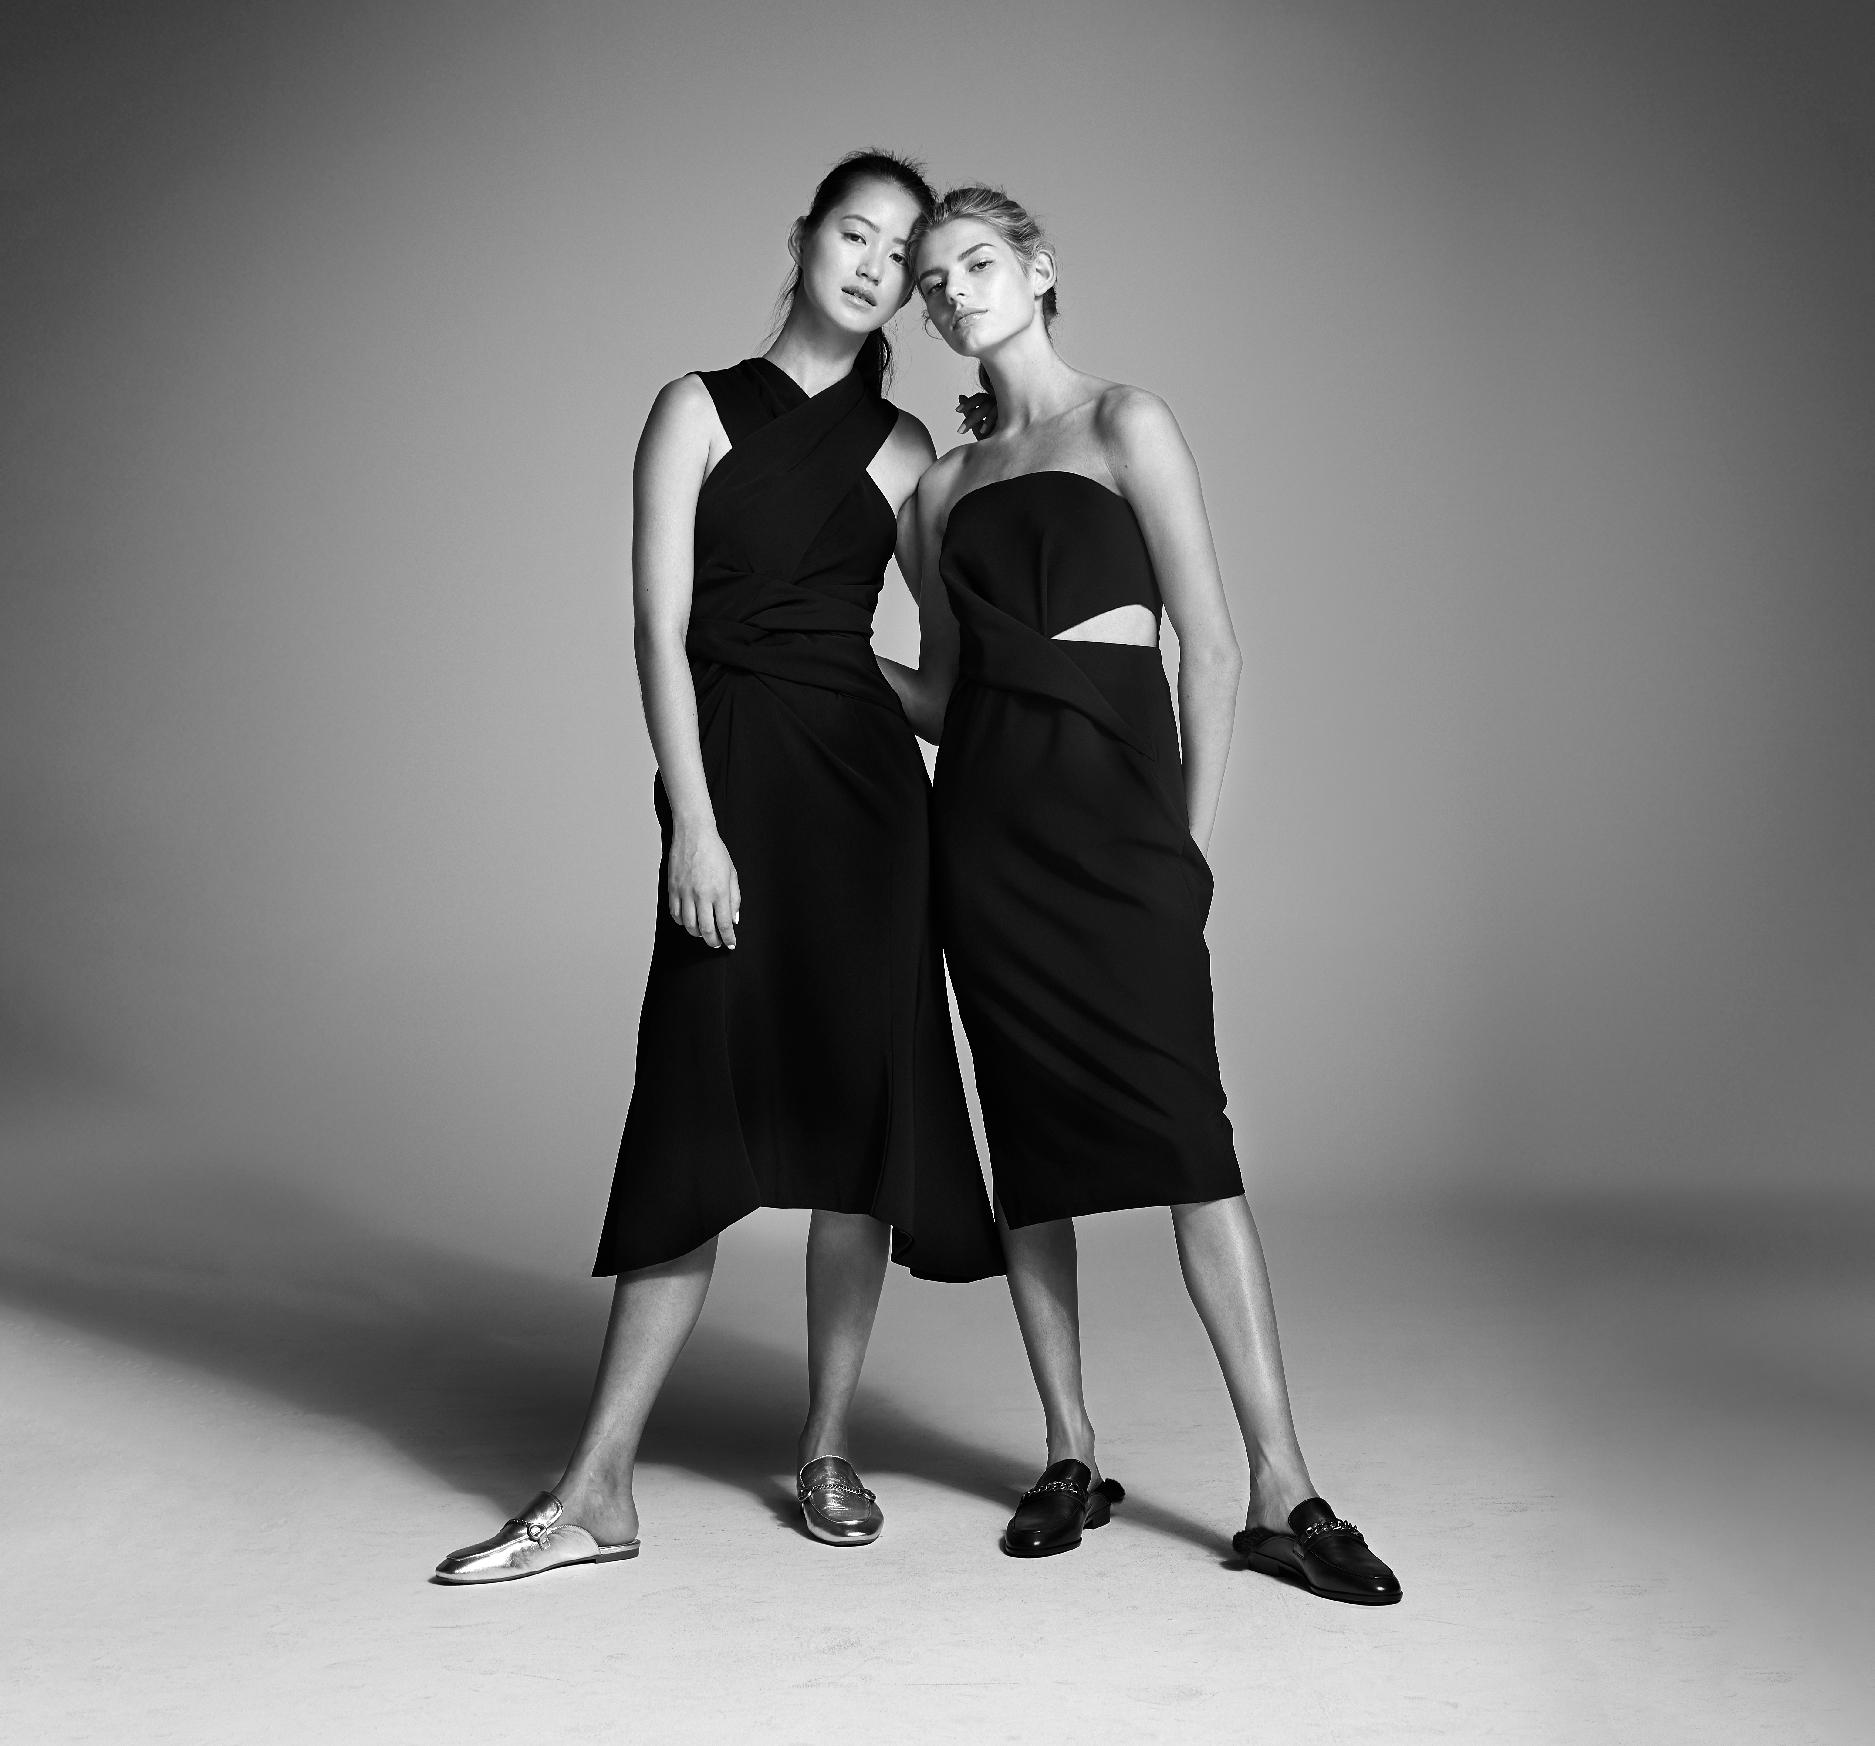 Wittner Brand Advertising still of 2 model girls standing wearing black